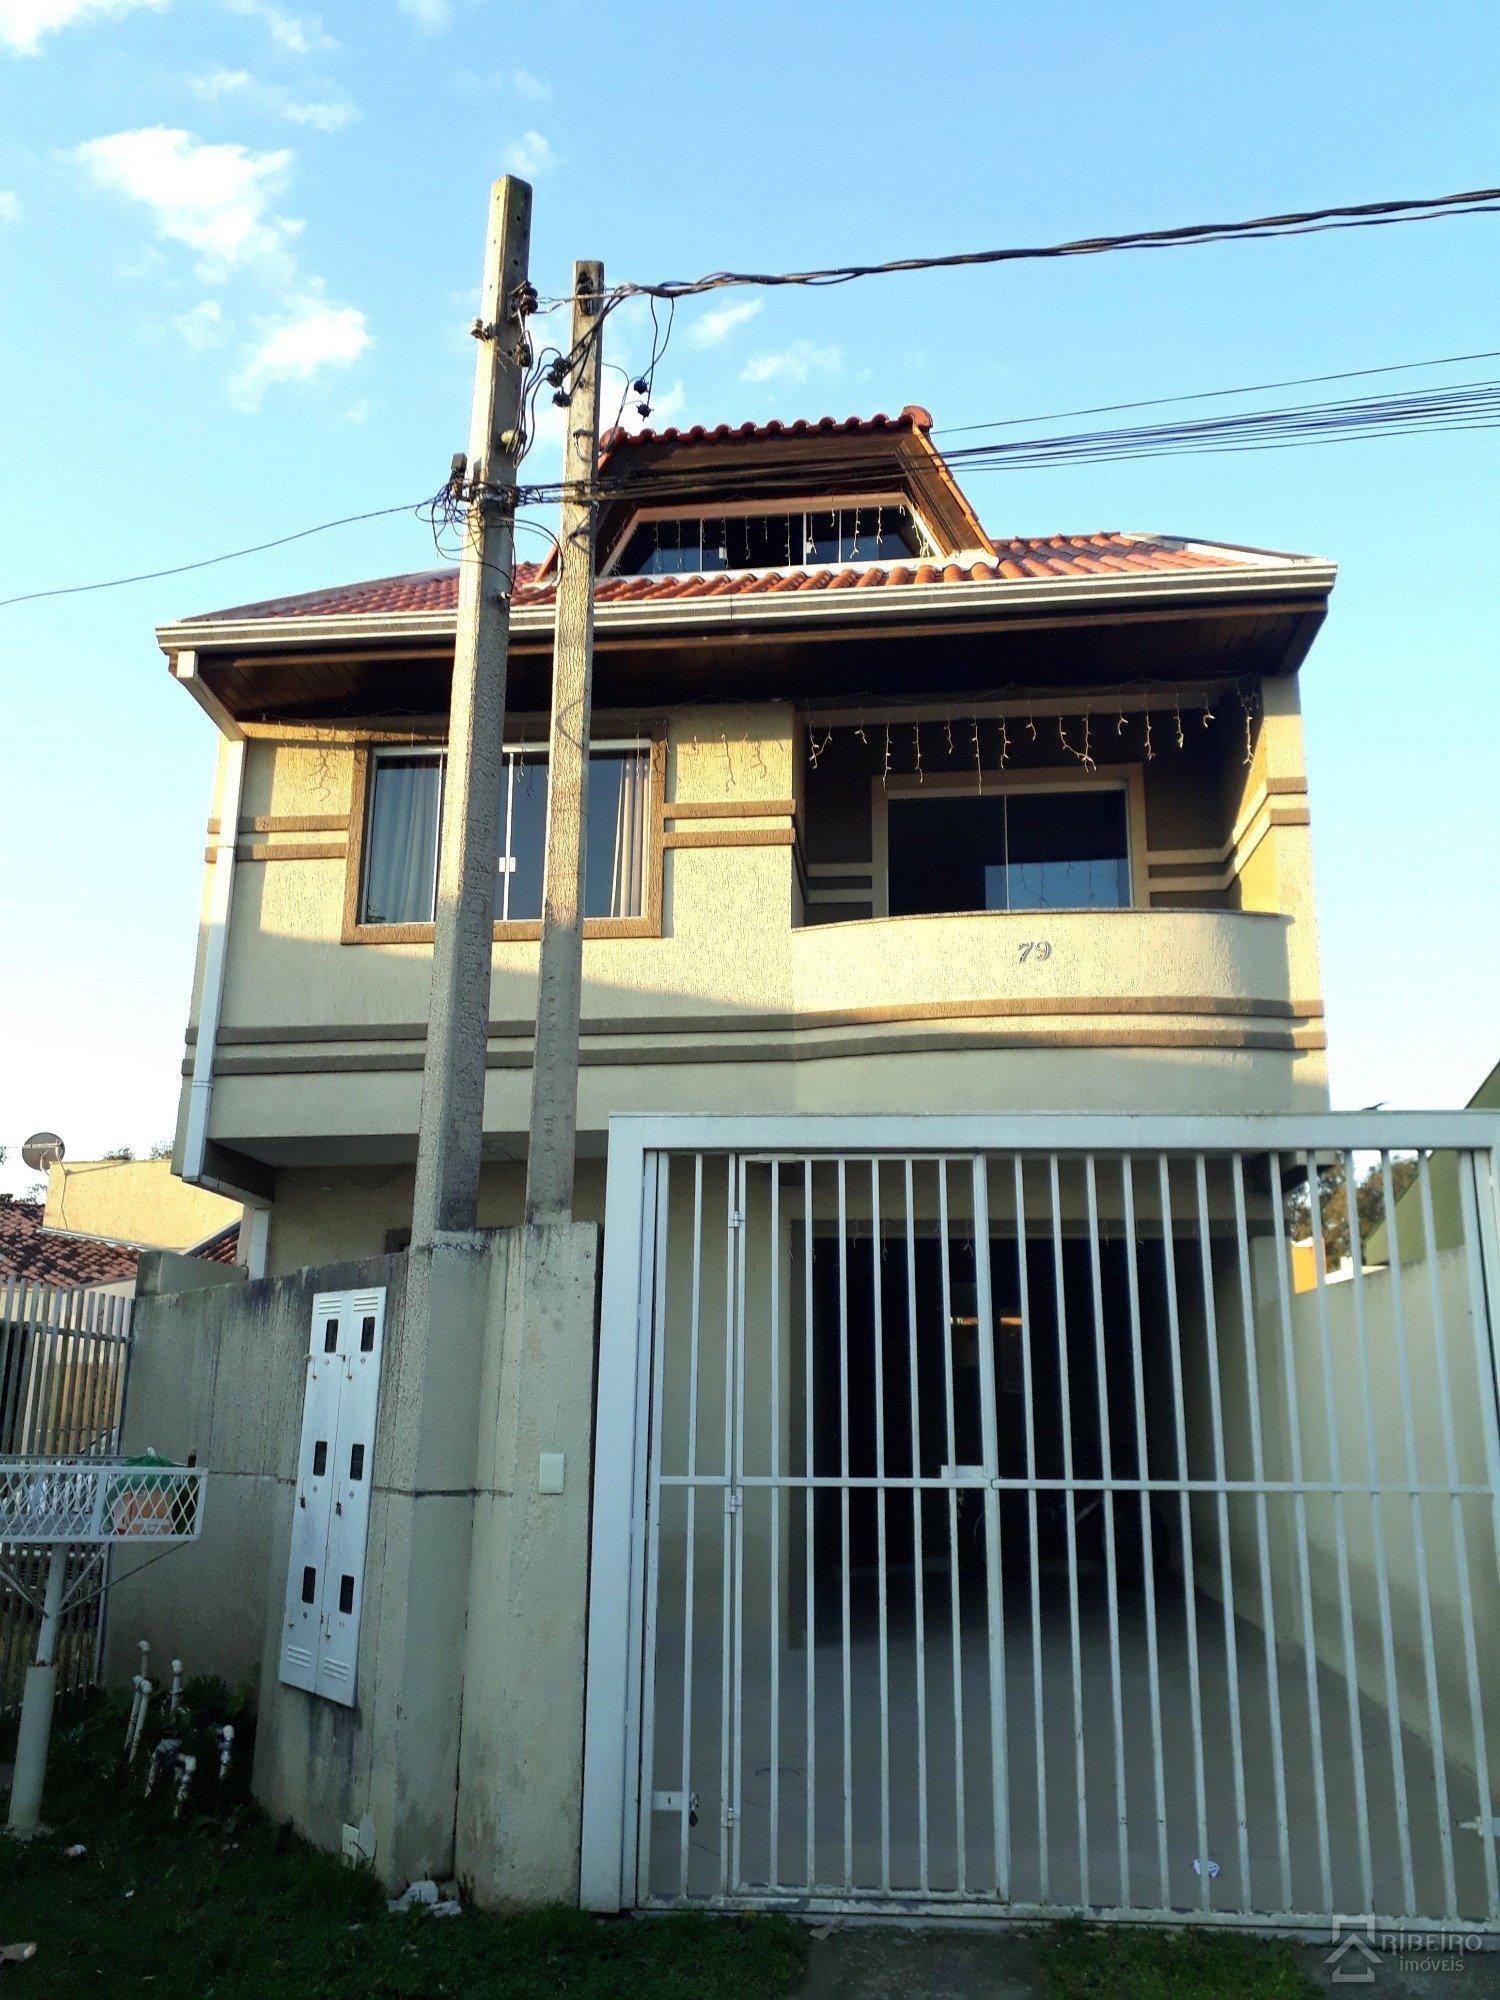 REF. 7385 -  São José Dos Pinhais - Rua  Mario Andriguetto, 79